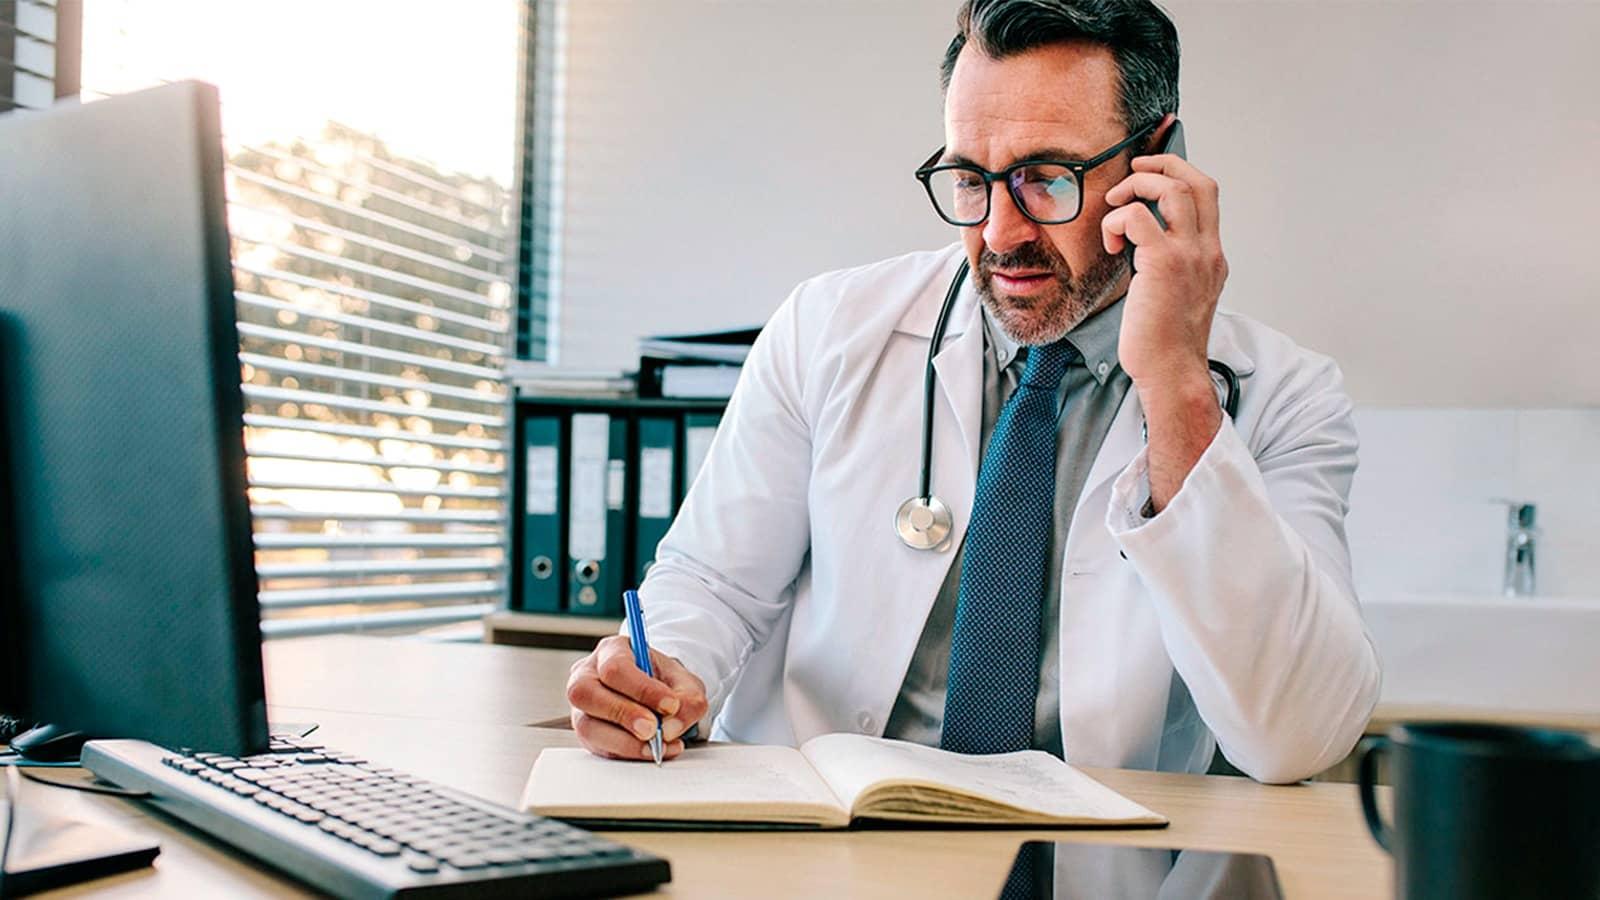 La consulta médica telefónica, una nueva realidad